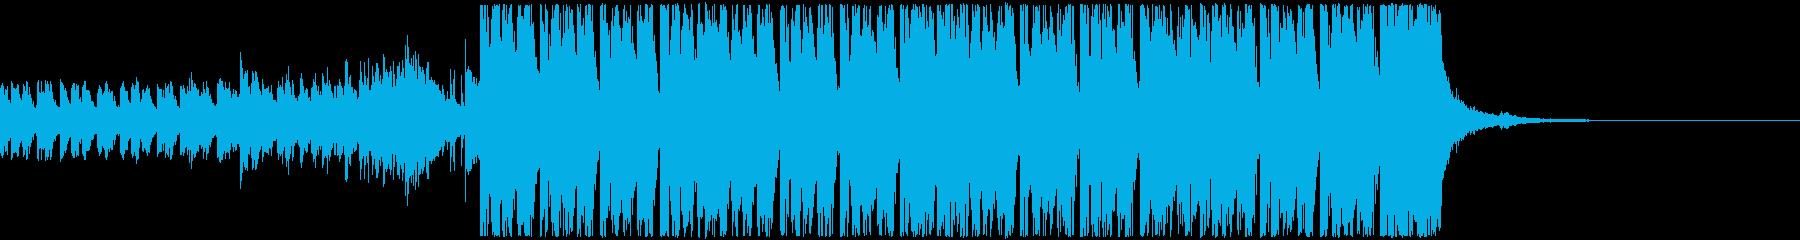 盛り上がるクラブ系ダンスミュージック Sの再生済みの波形